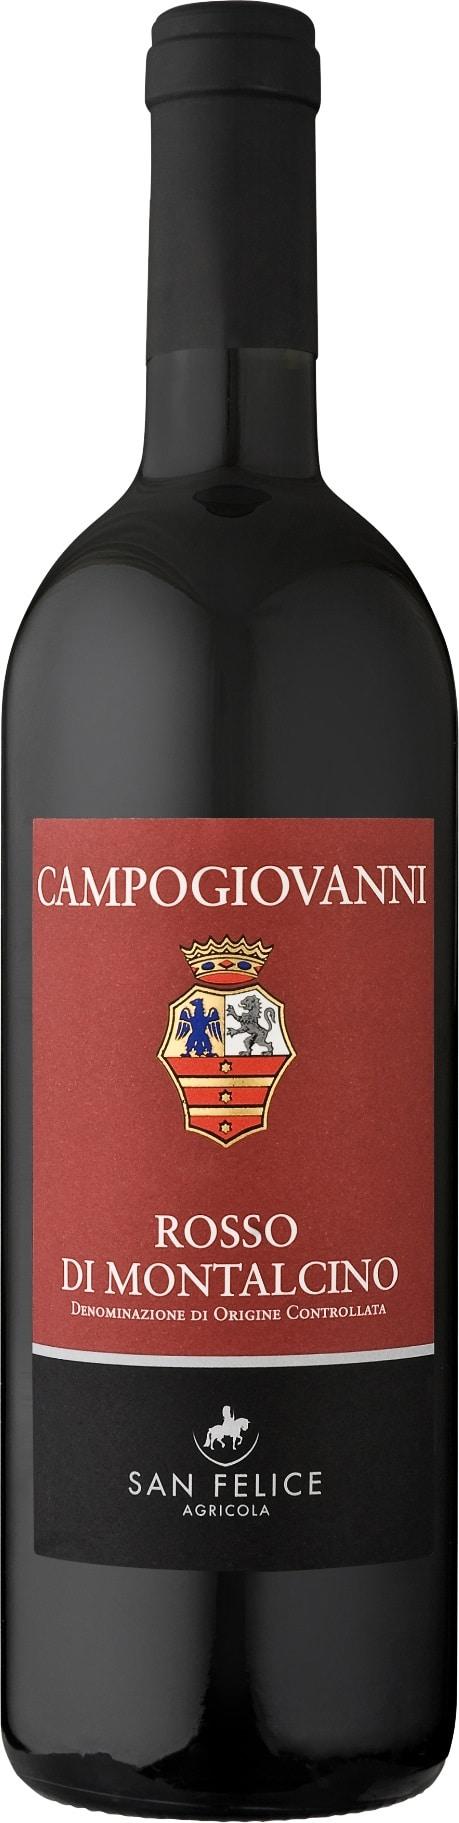 vin Campogiovanni Rosso di Montalcino